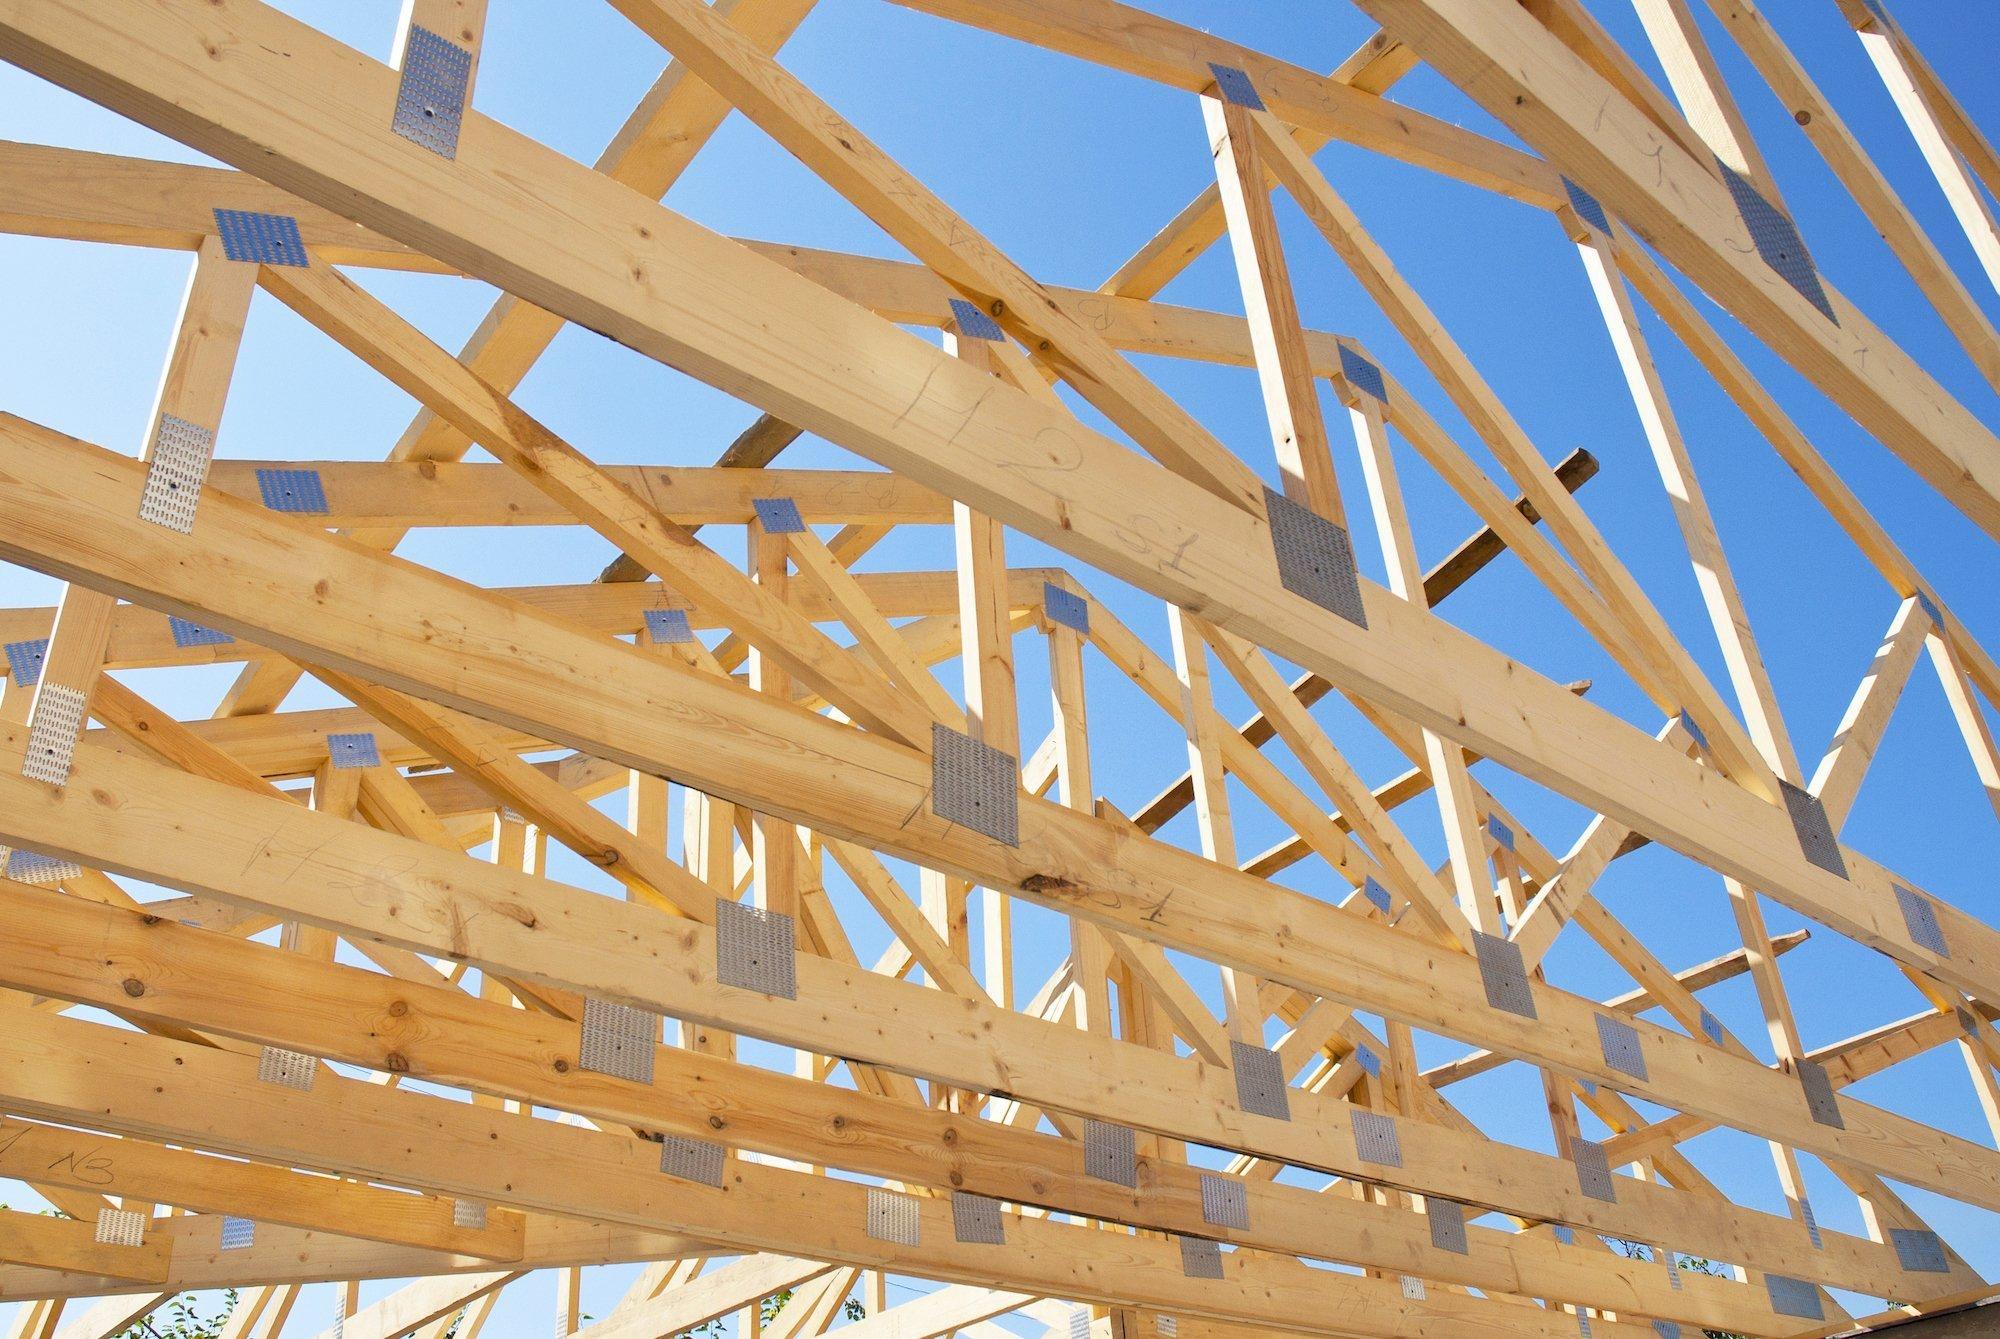 Střešní konstrukce z dřevěných příhradových vazníků jsou vhodné pro většinu stavebních objektů - rodinné domy (obzvláště bungalovy), průmyslové a skladové haly i zemědělské objekty. V posledních desetiletích nahrazují klasické krovy a je k tomu velmi dobrý důvod. Vazníky je možné použít pro sedlové i valbové střechy, mají velmi lehkou konstrukci a jejich realizace je opravdu rychlá.